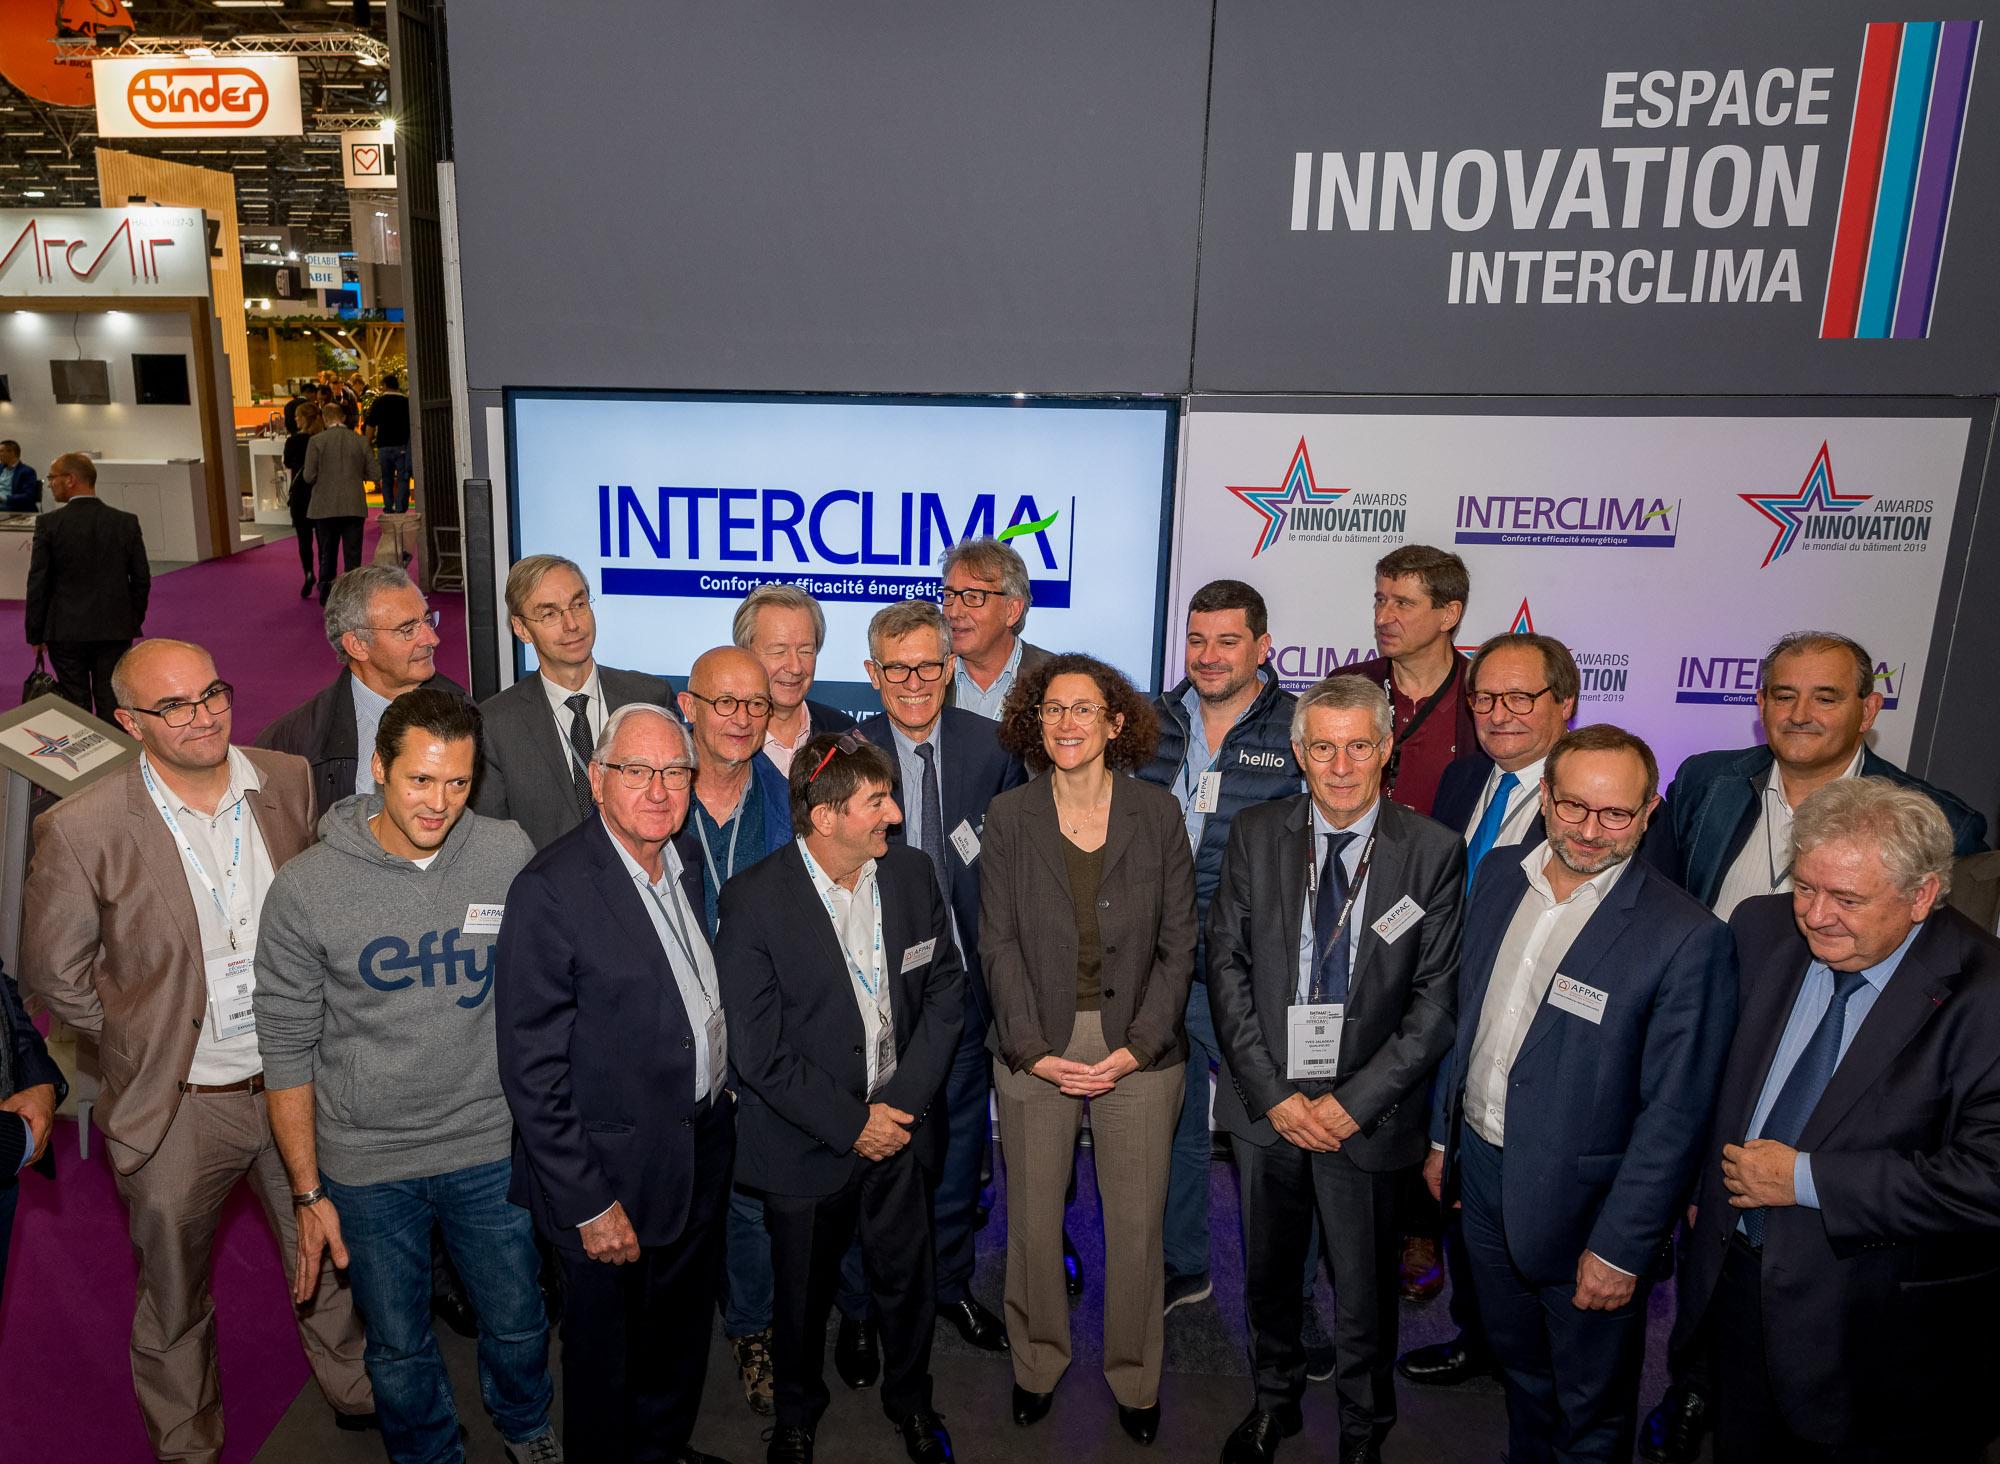 En présence d'Emmanuelle WARGON, l'AFPAC et ses partenaires ont signé une Charte relative à la préservation de la qualité des installations de PAC, le mercredi 6 novembre 2019 sur le salon Interclima